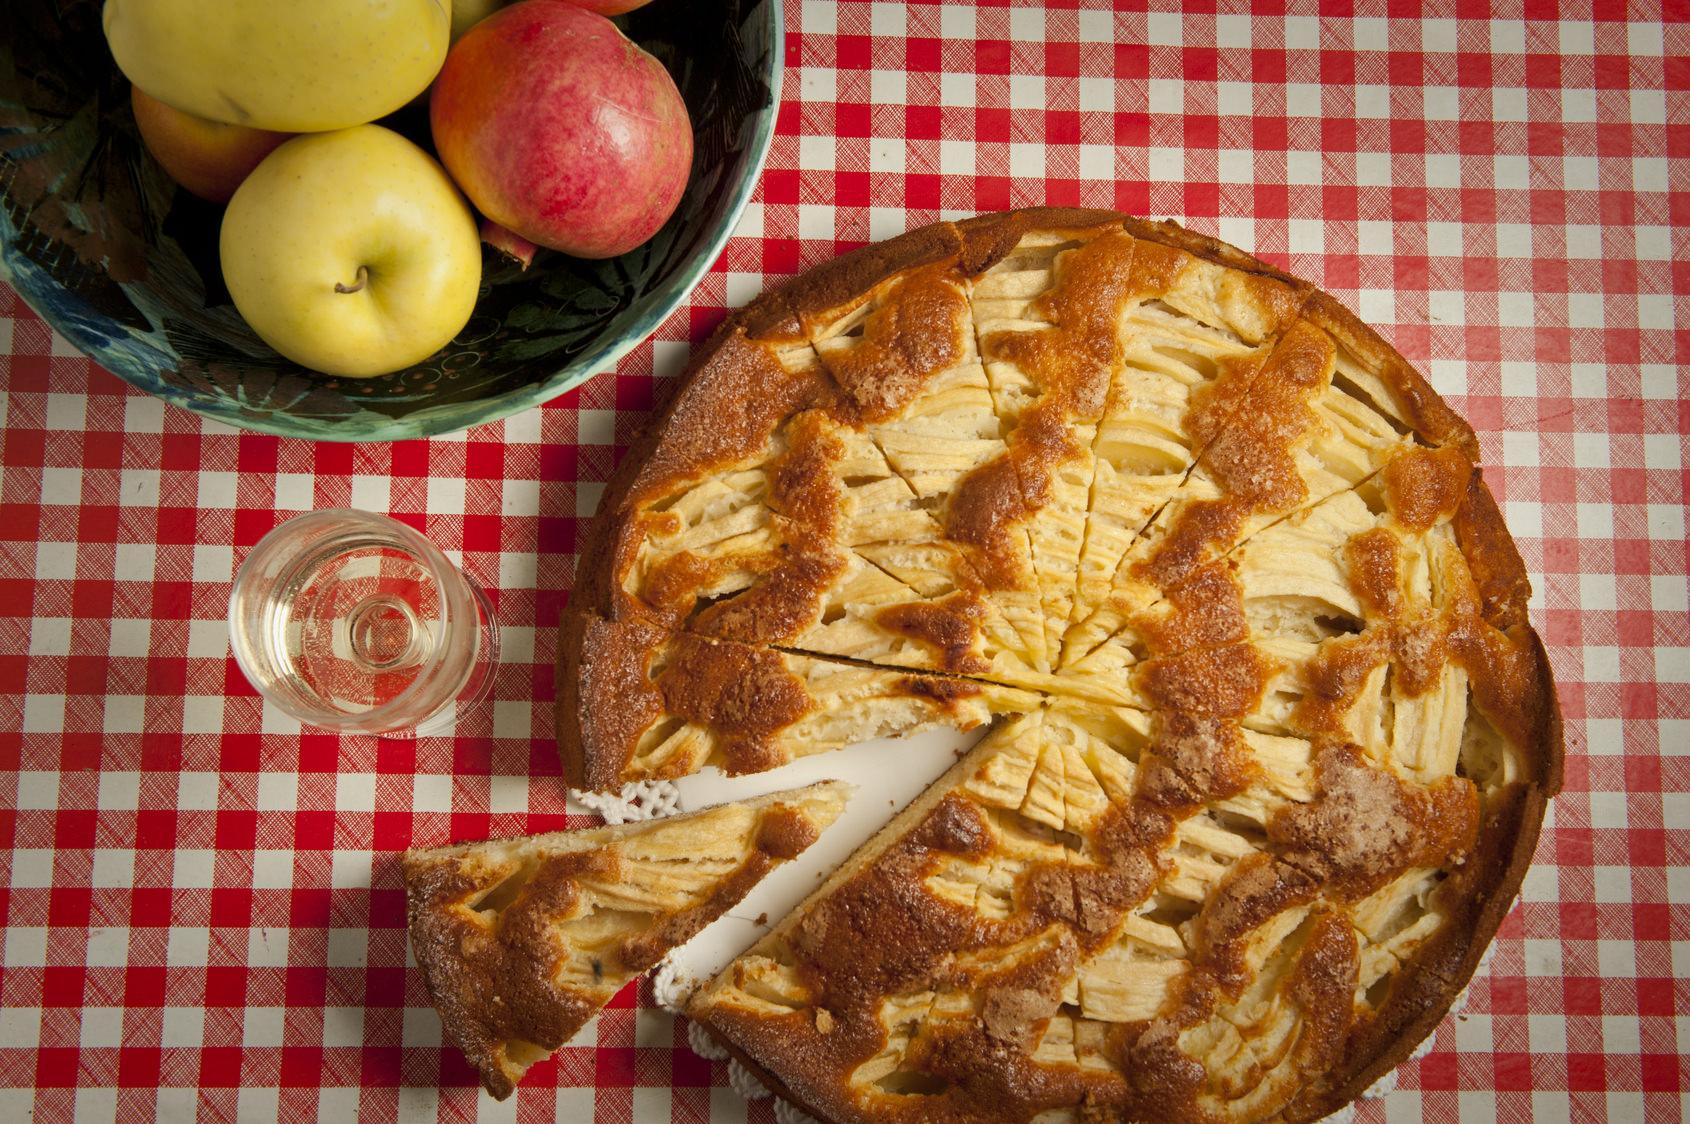 g teau aux pommes l italienne un d licieux gateau conomique et facile les recettes de cuisine. Black Bedroom Furniture Sets. Home Design Ideas